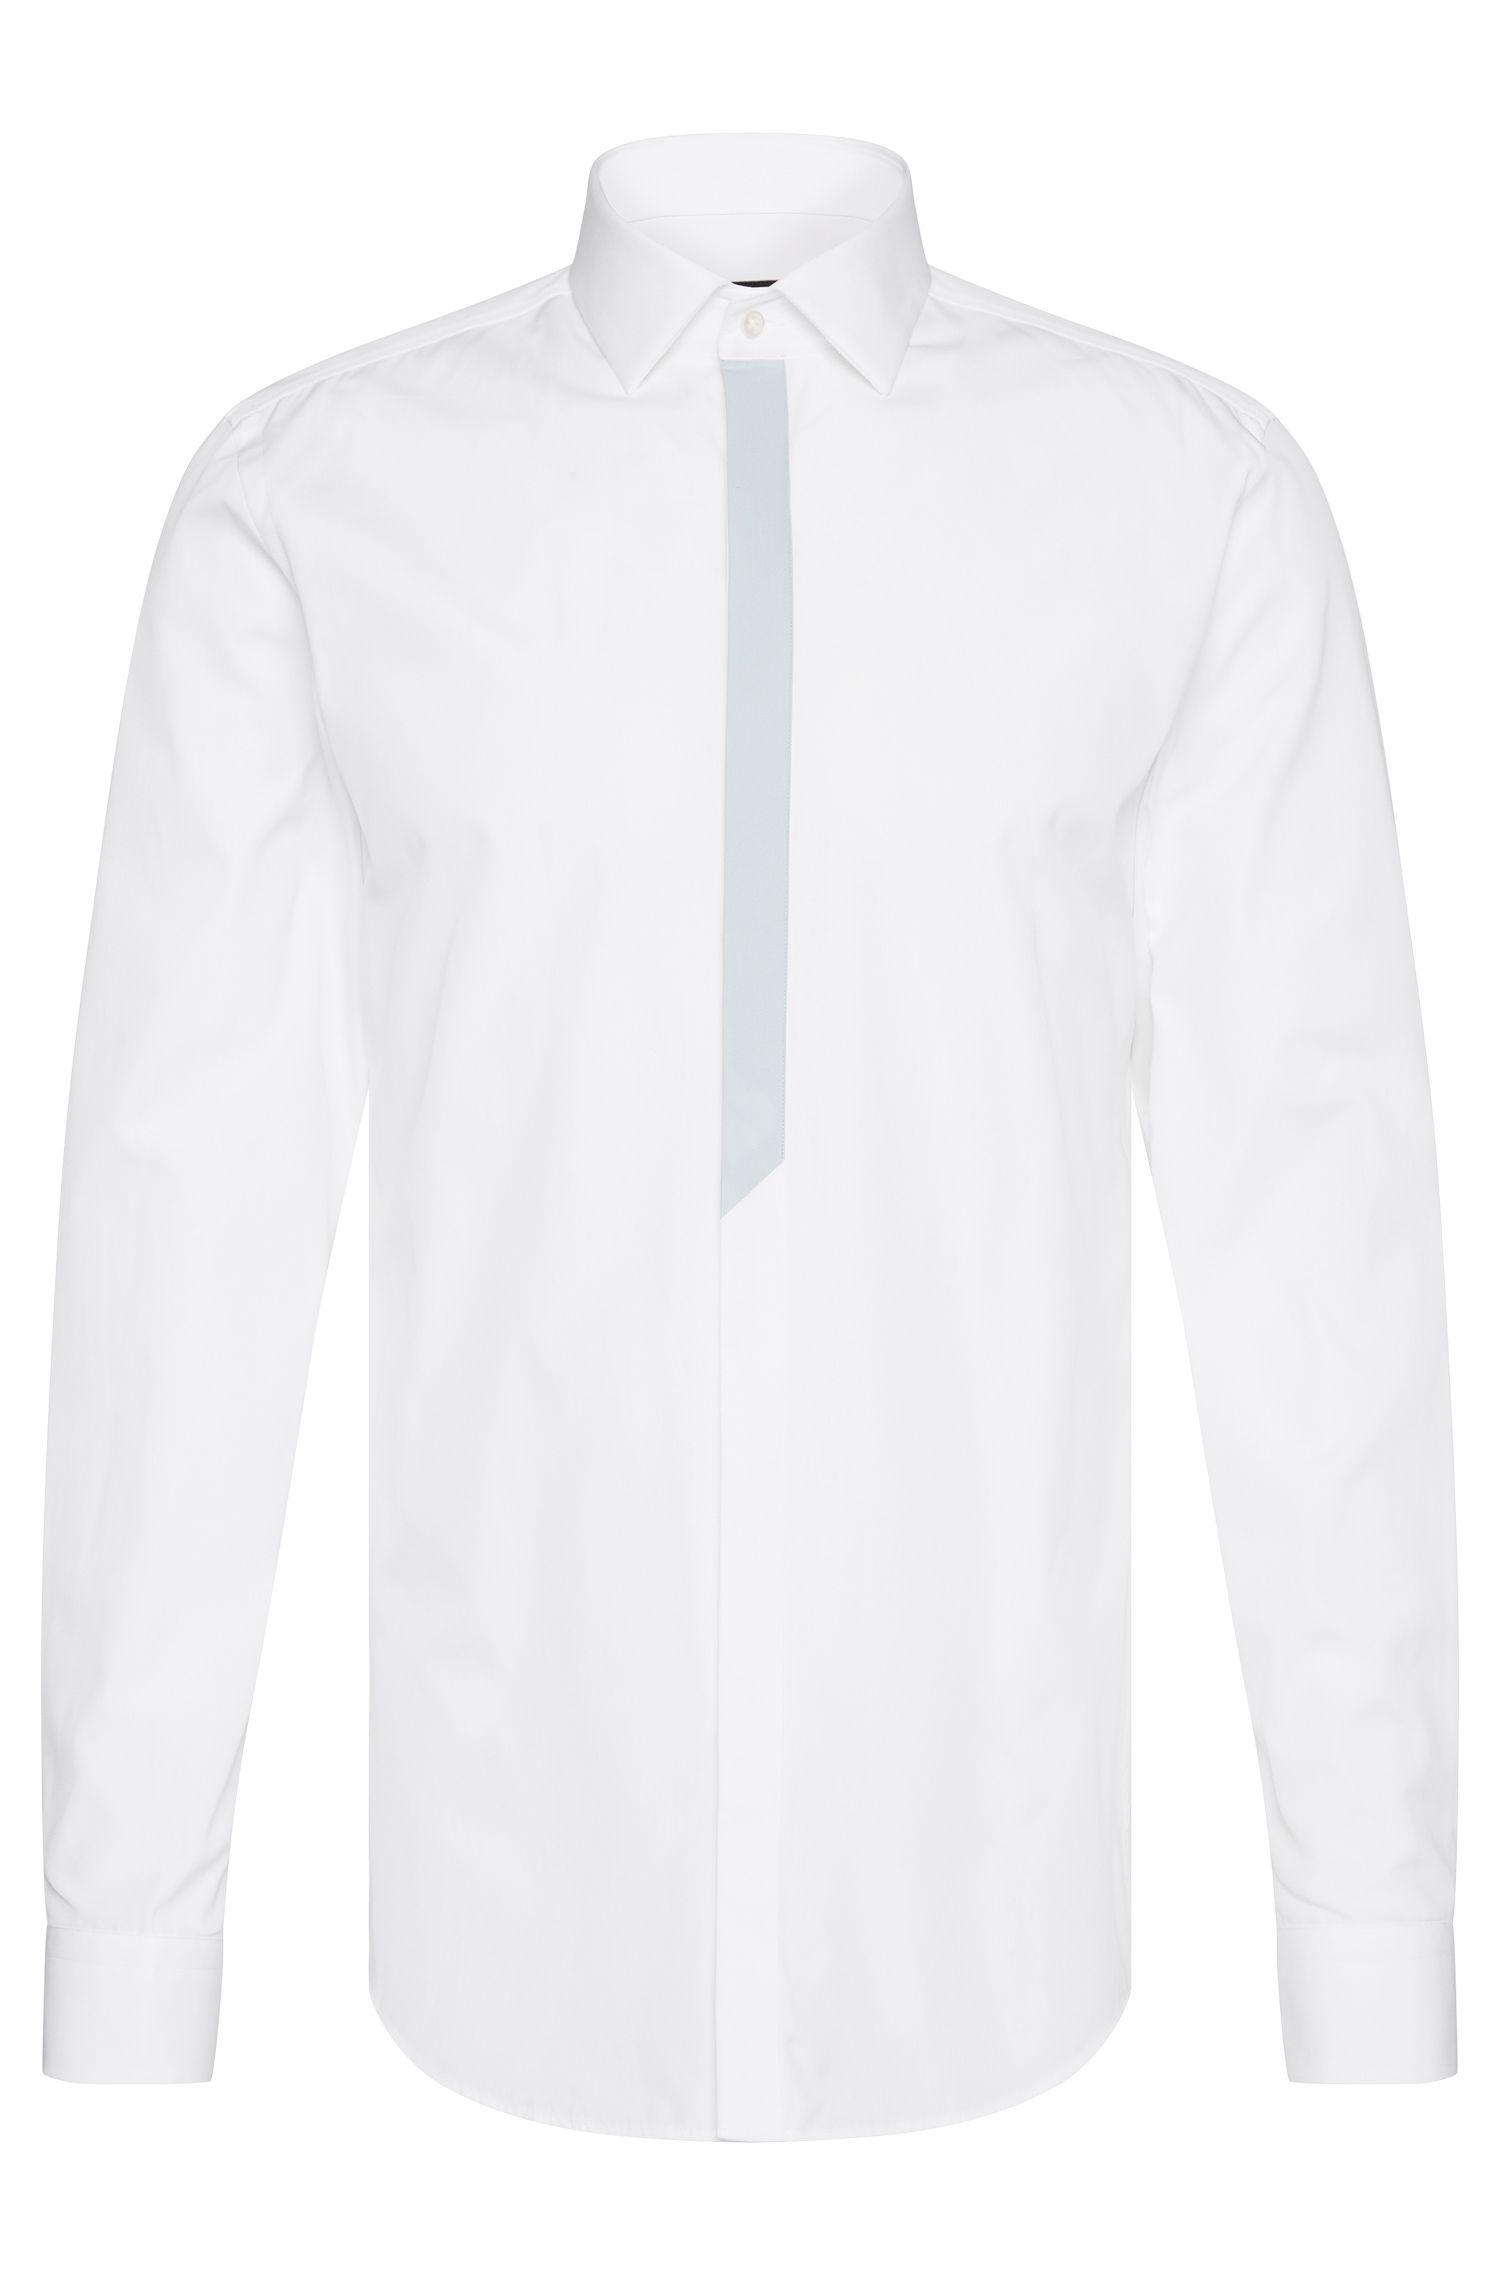 Slim-Fit Hemd aus Baumwolle mit kontrastfarbener Knopfleiste: 'Icarus'